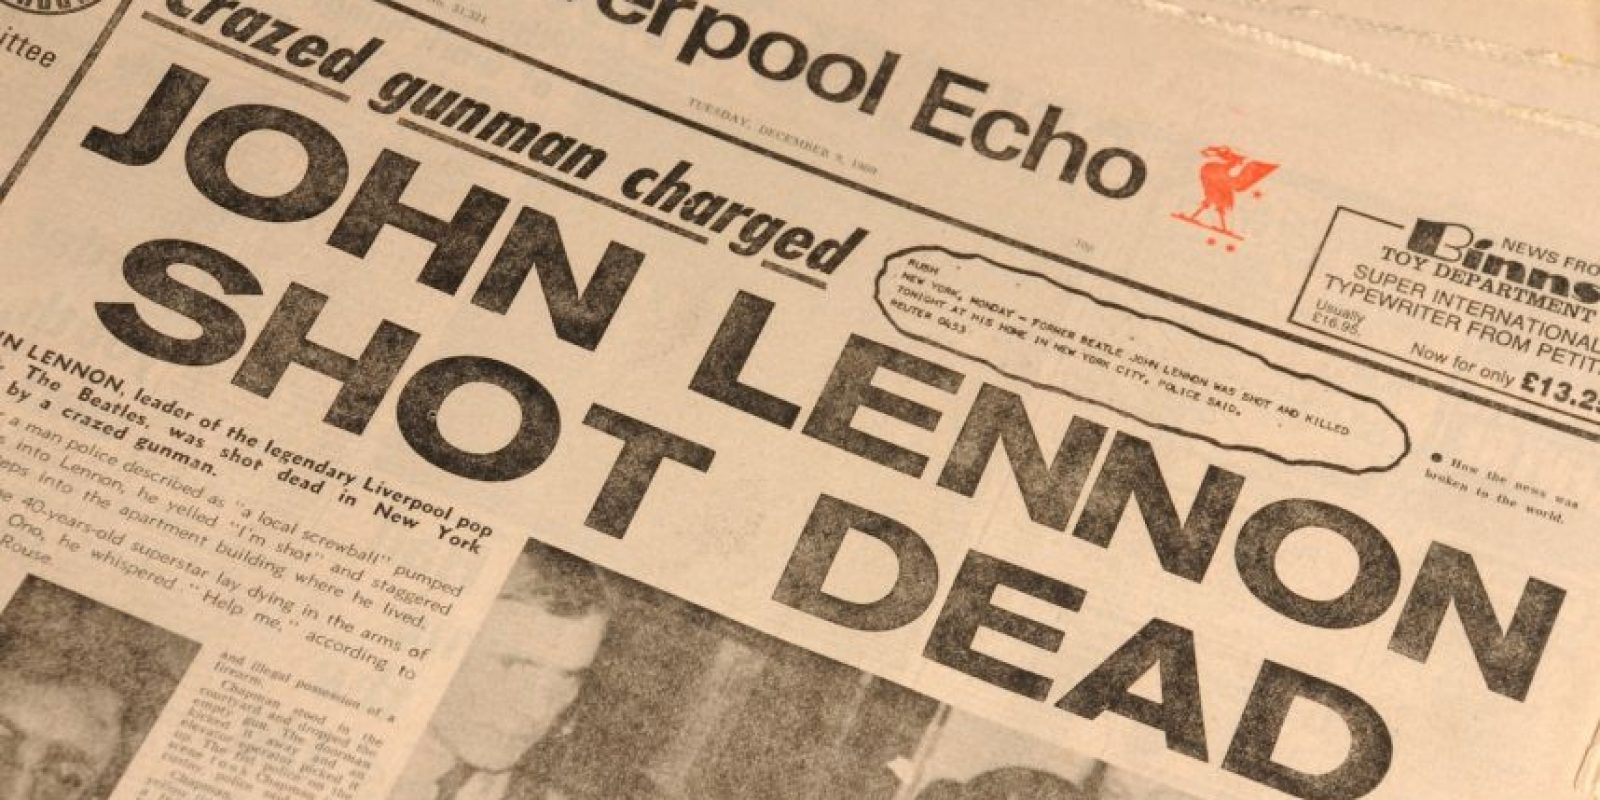 Un periódico del día de la muerte de John Lennon. Foto:Cooperowen.com